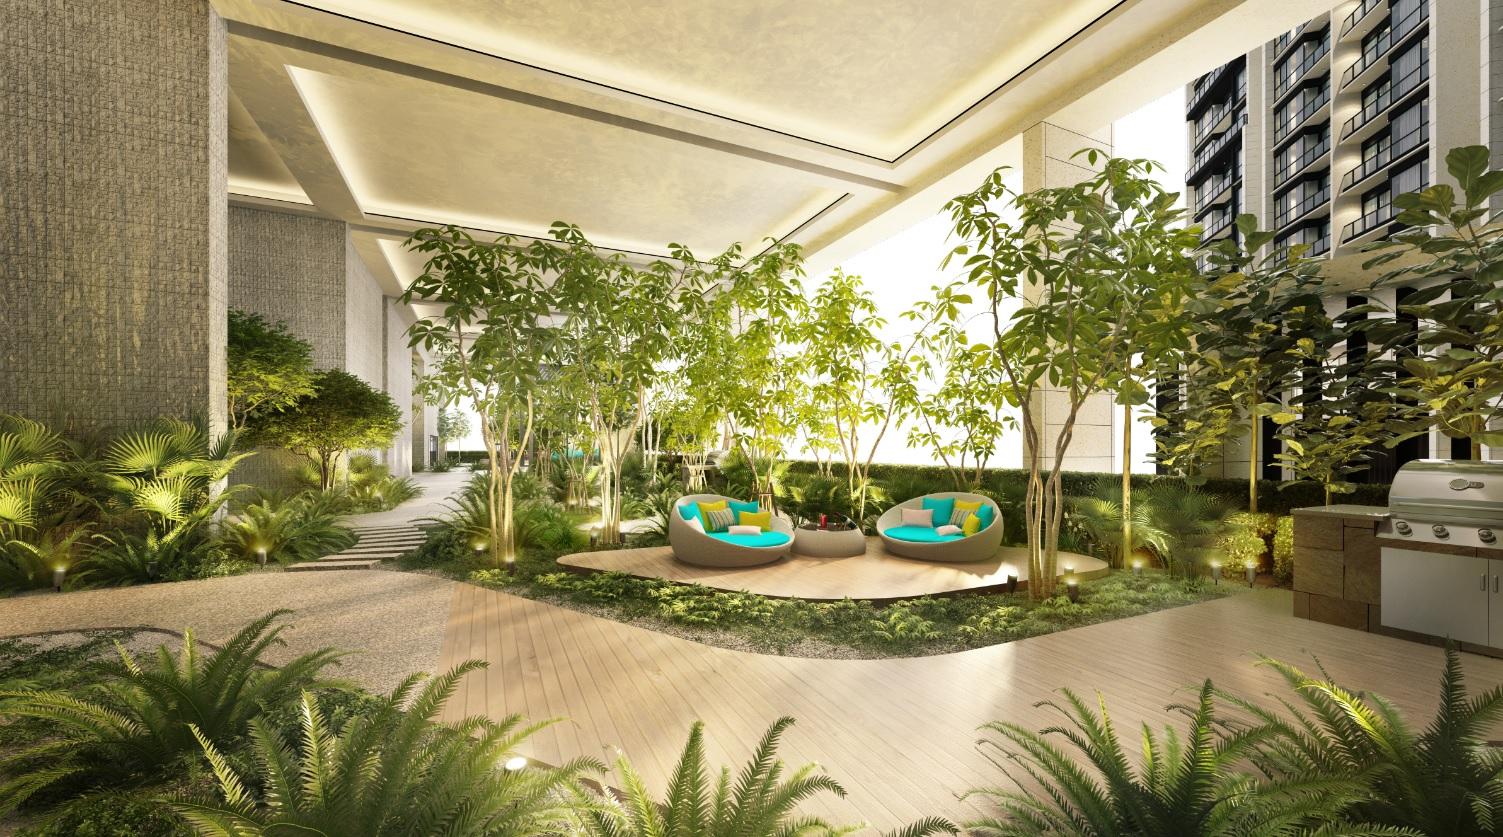 通过景观美化搭配时尚设施,让住户体验更健康的生活方式 。